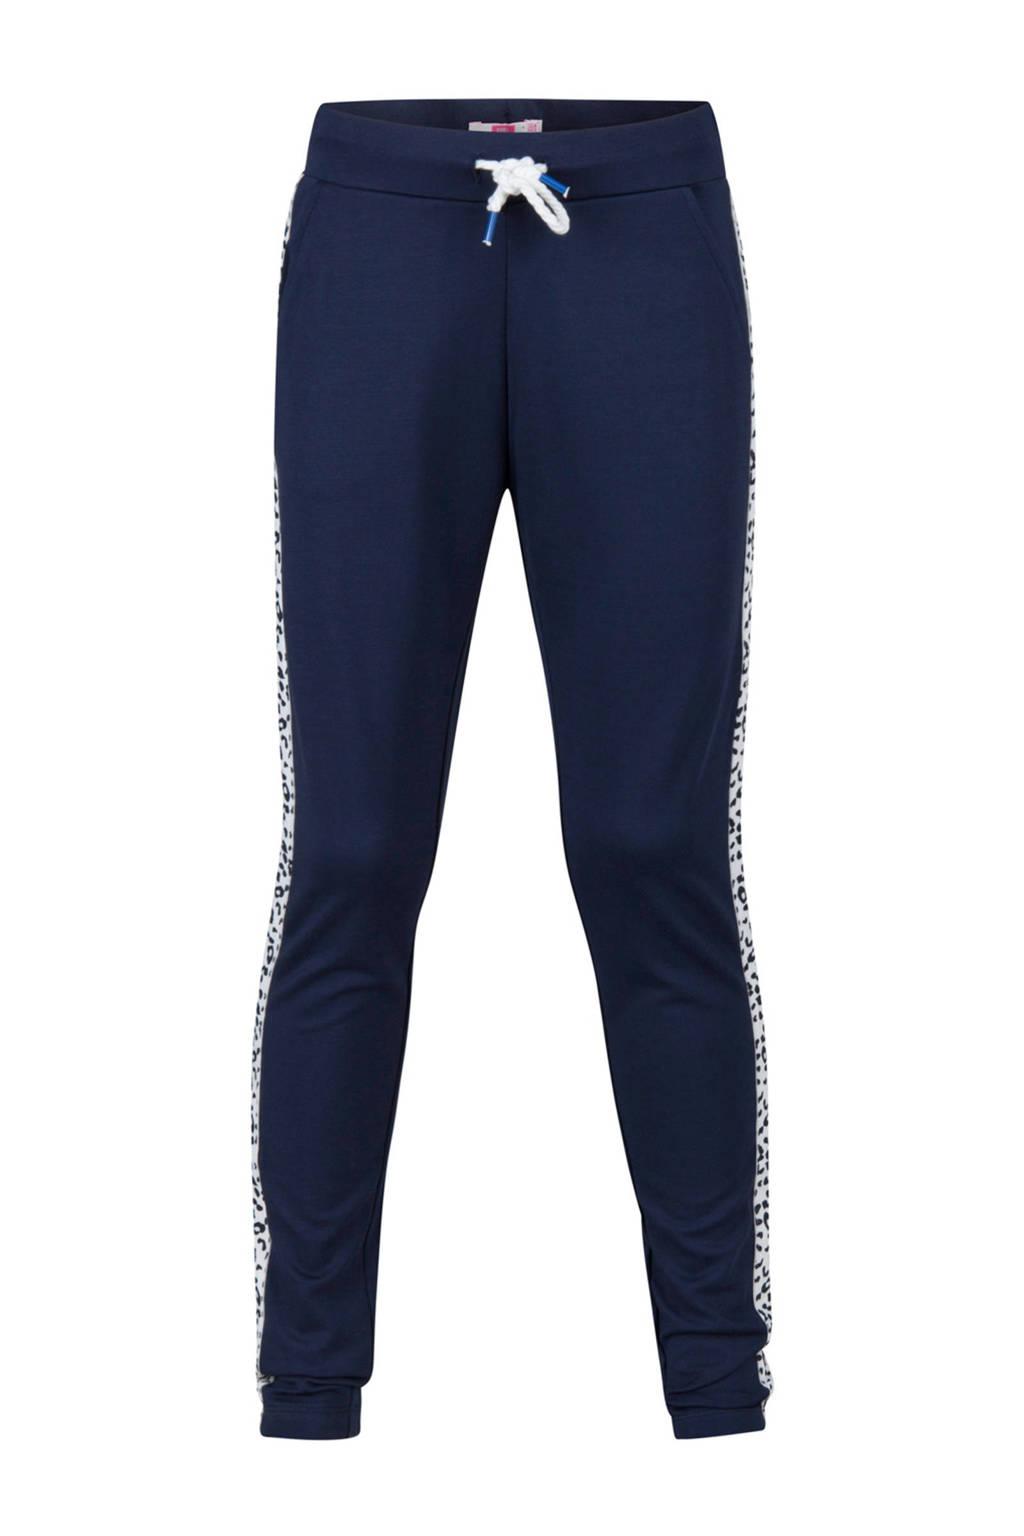 WE Fashion joggingbroek met zijstreep blauw, Donkerblauw